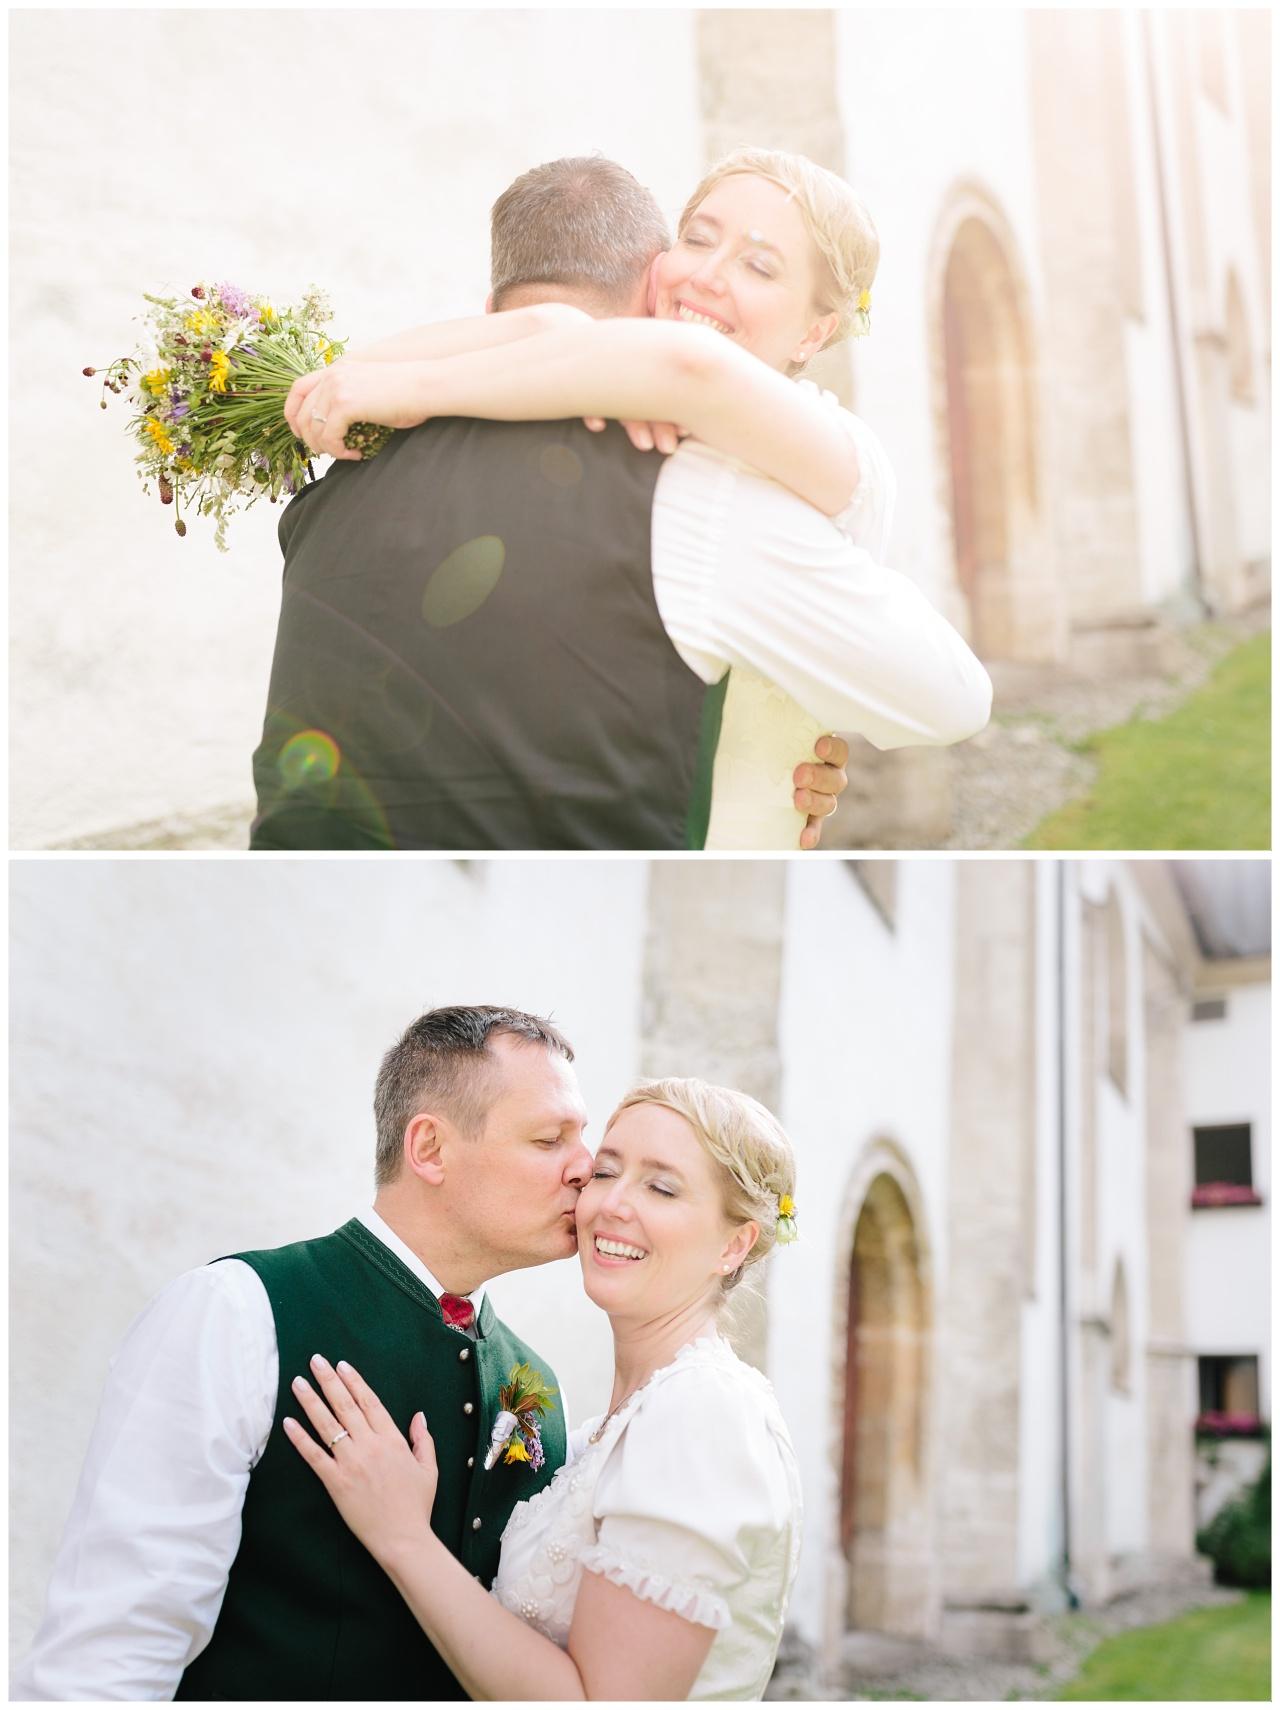 Hochzeitsfotograf Seefeld Standesamt 3